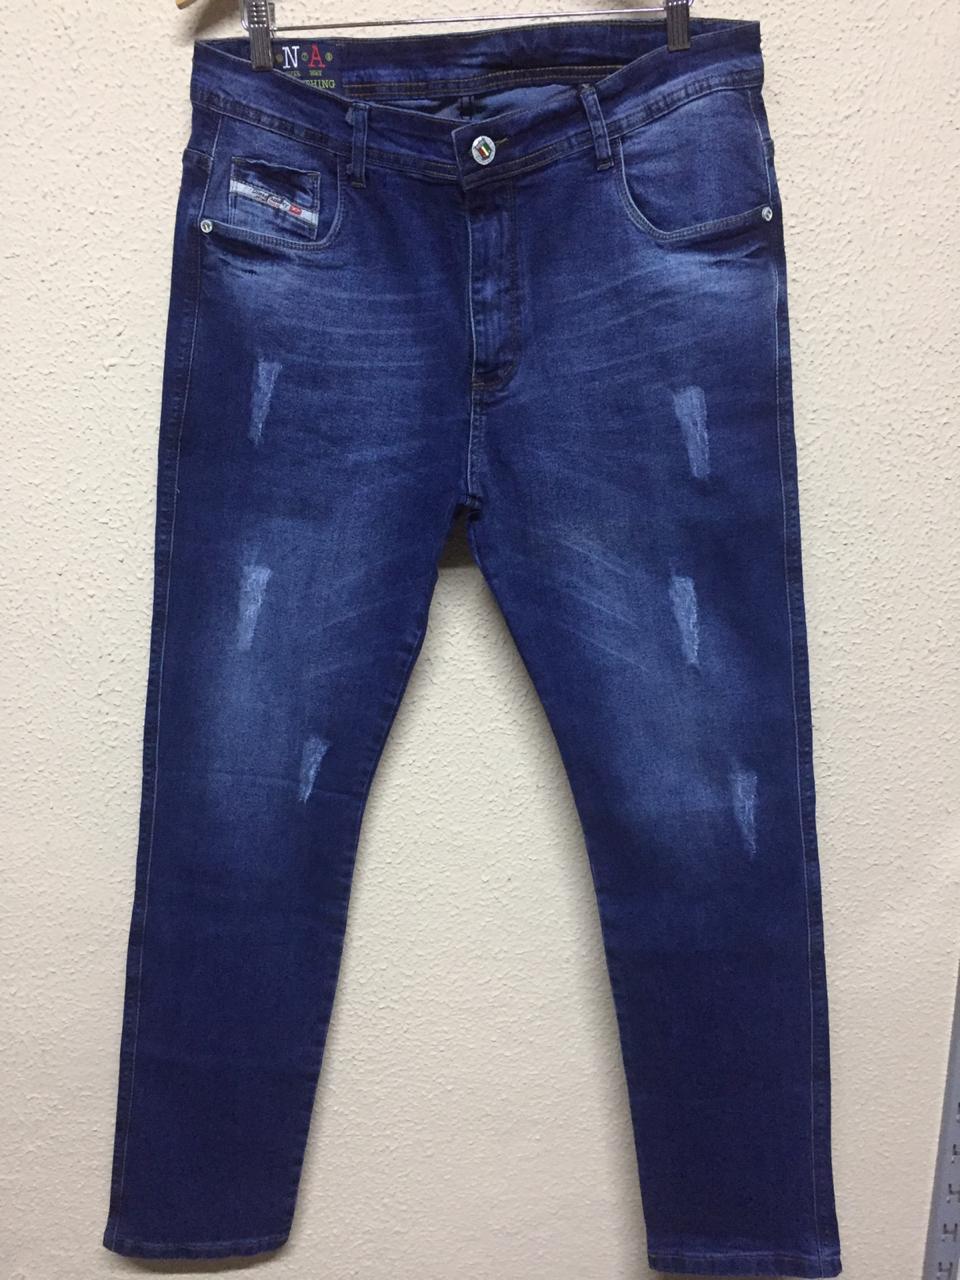 Calça Masculina Armani Jeans 5901234123457